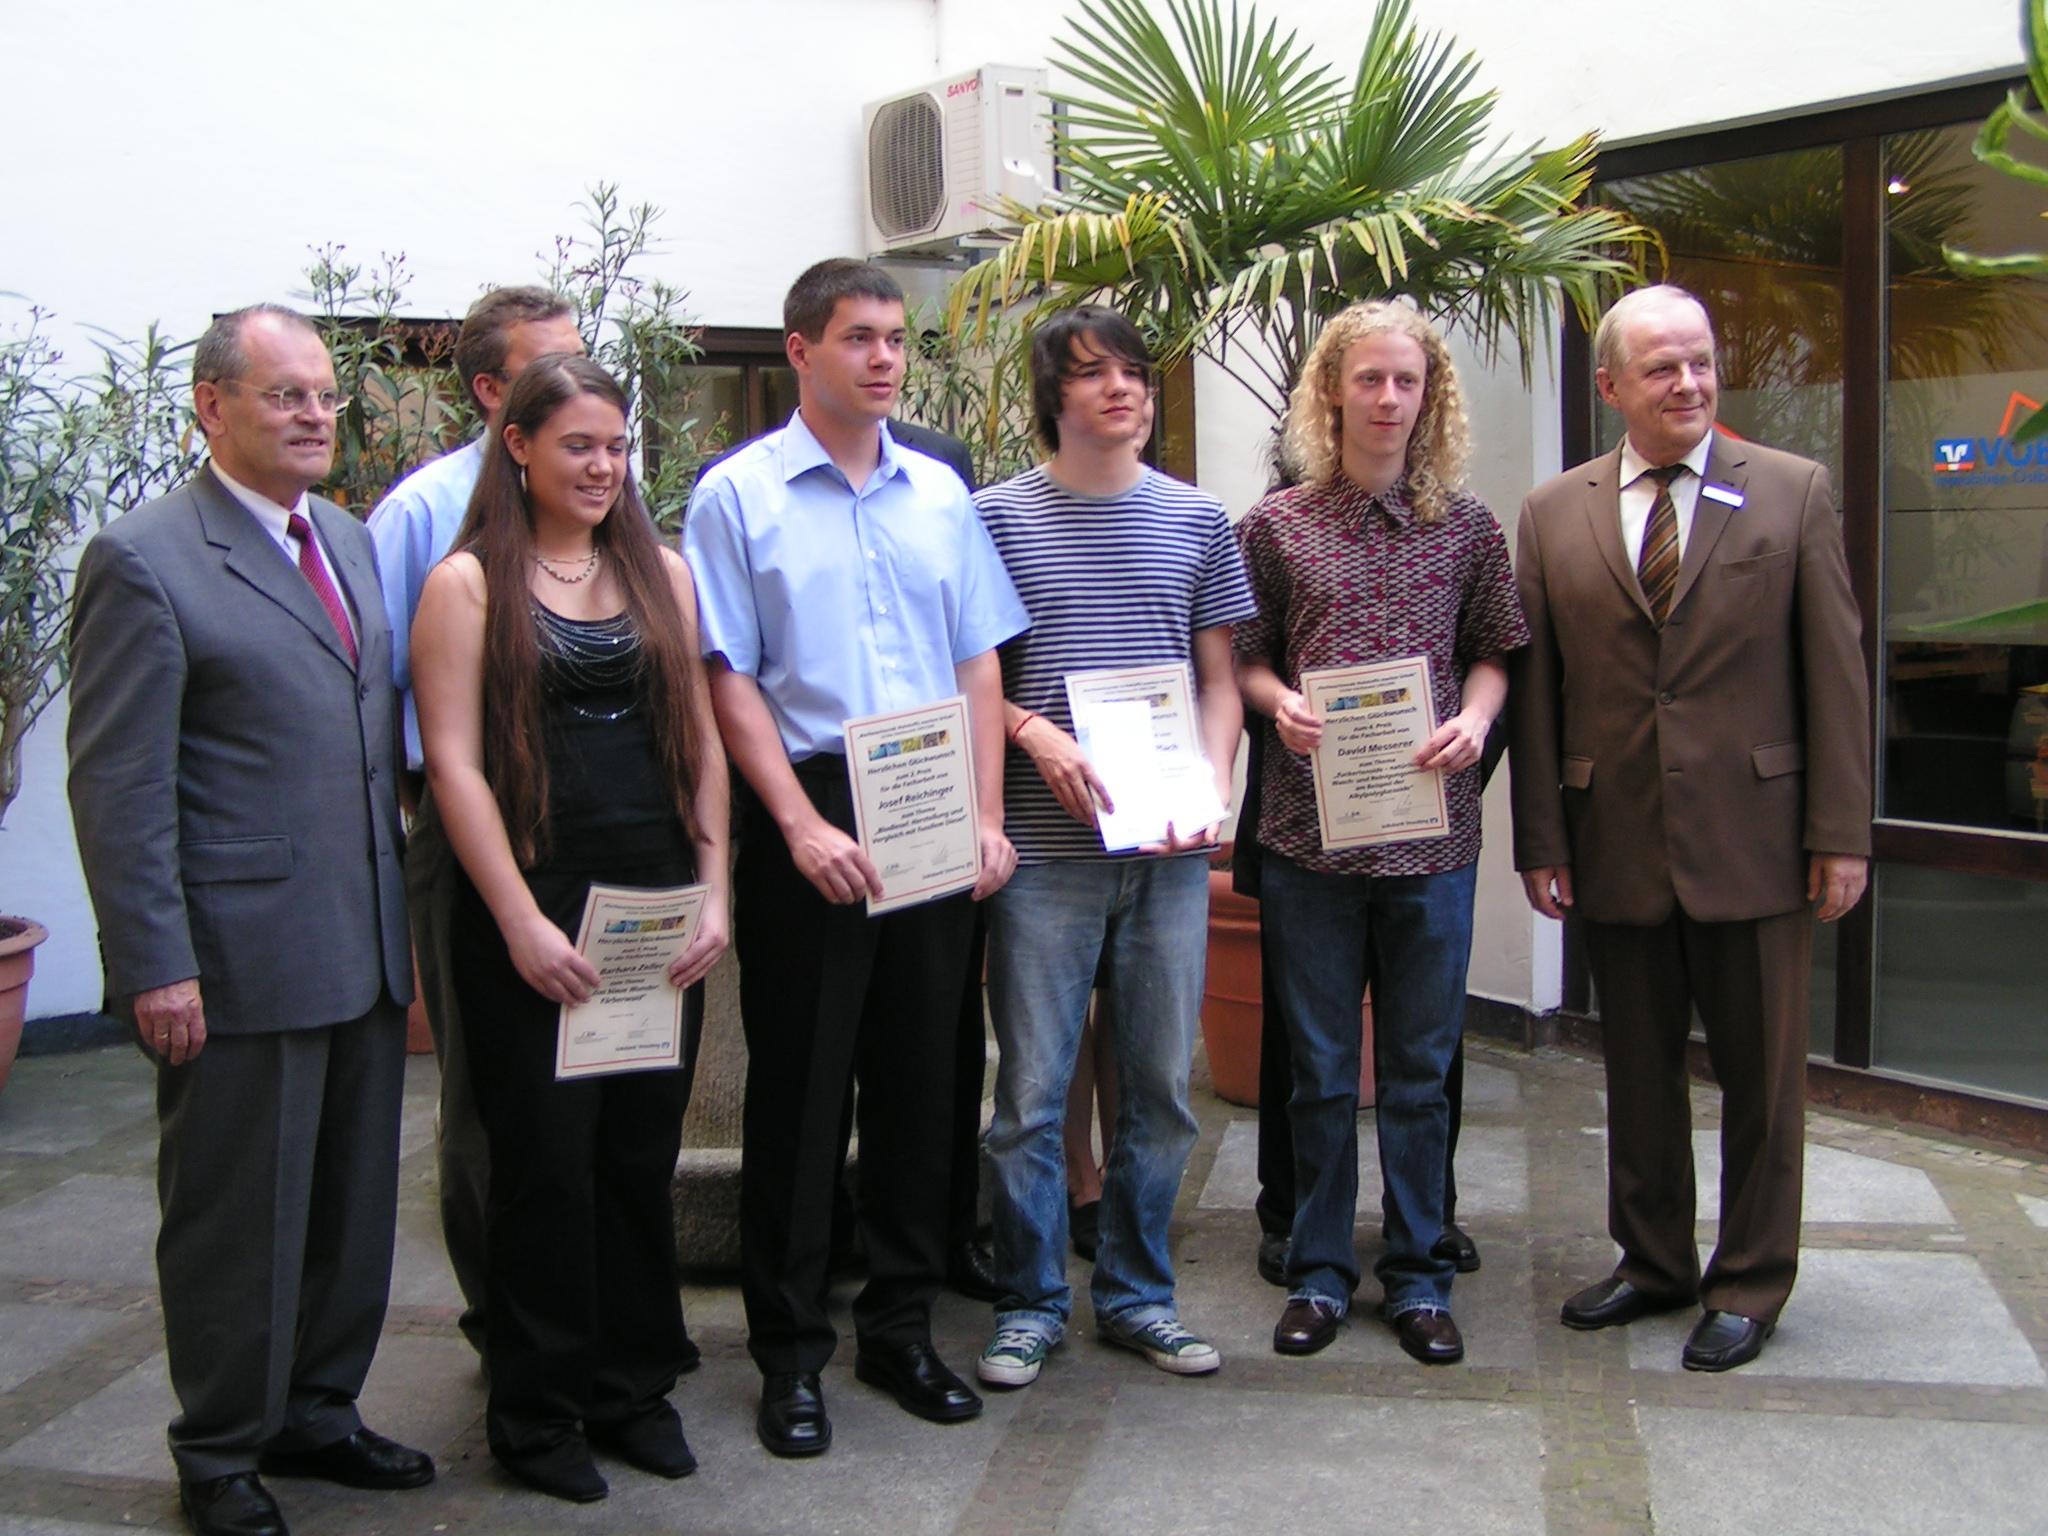 Gymnasialpreis 2006